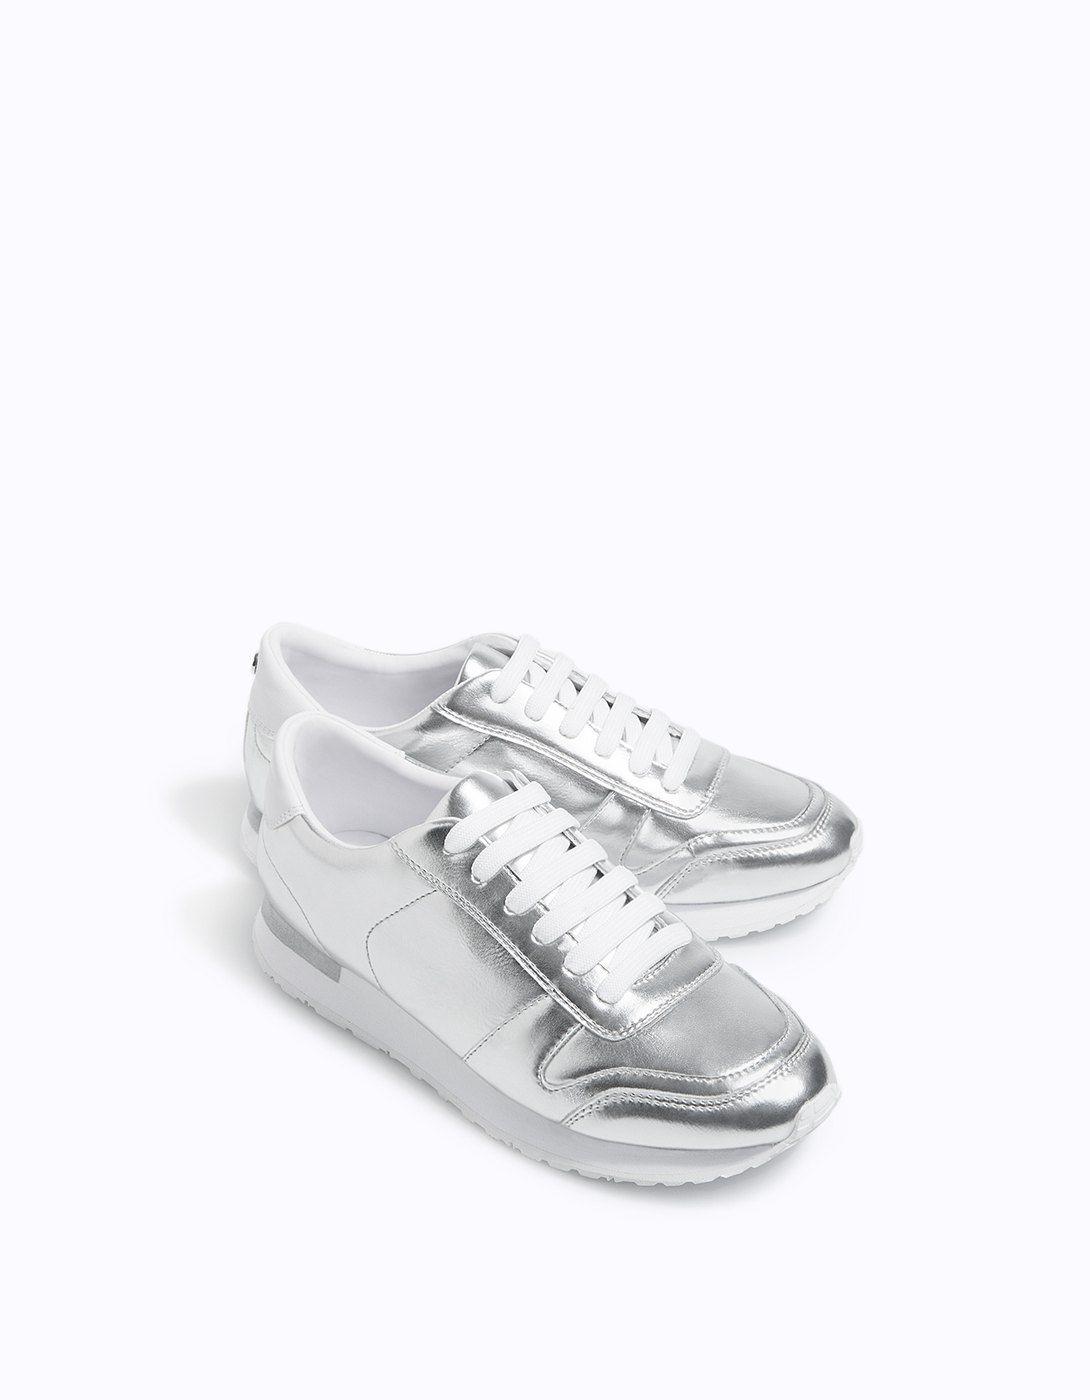 Tennis métallisées - Toutes   Stradivarius France   Shoes, Vans ...